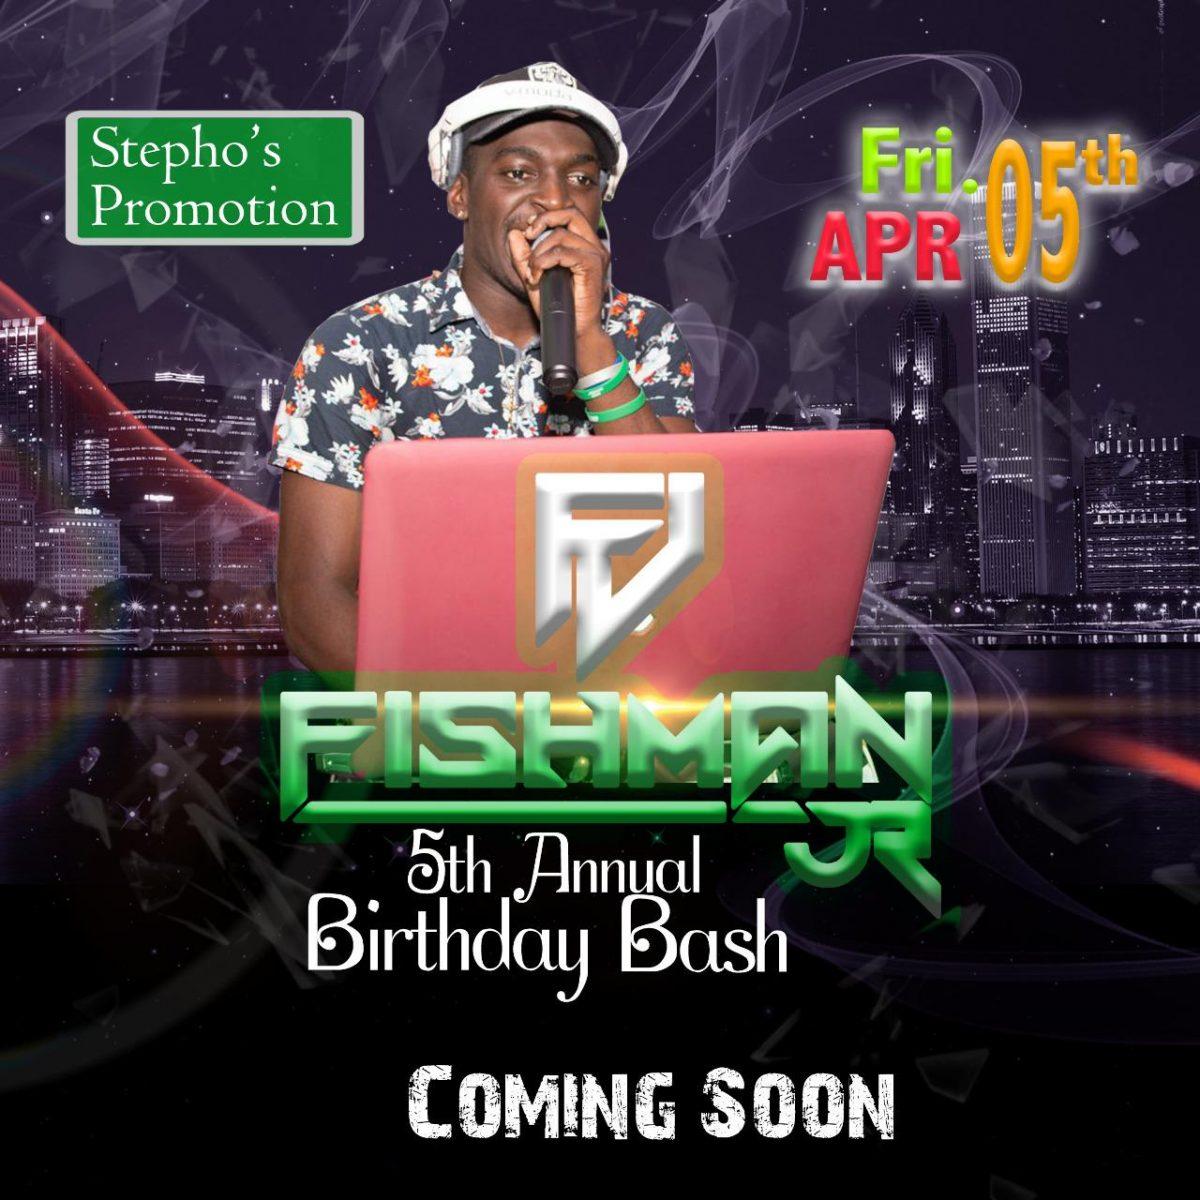 DJ Fishman 5th Annual Birthday Bash